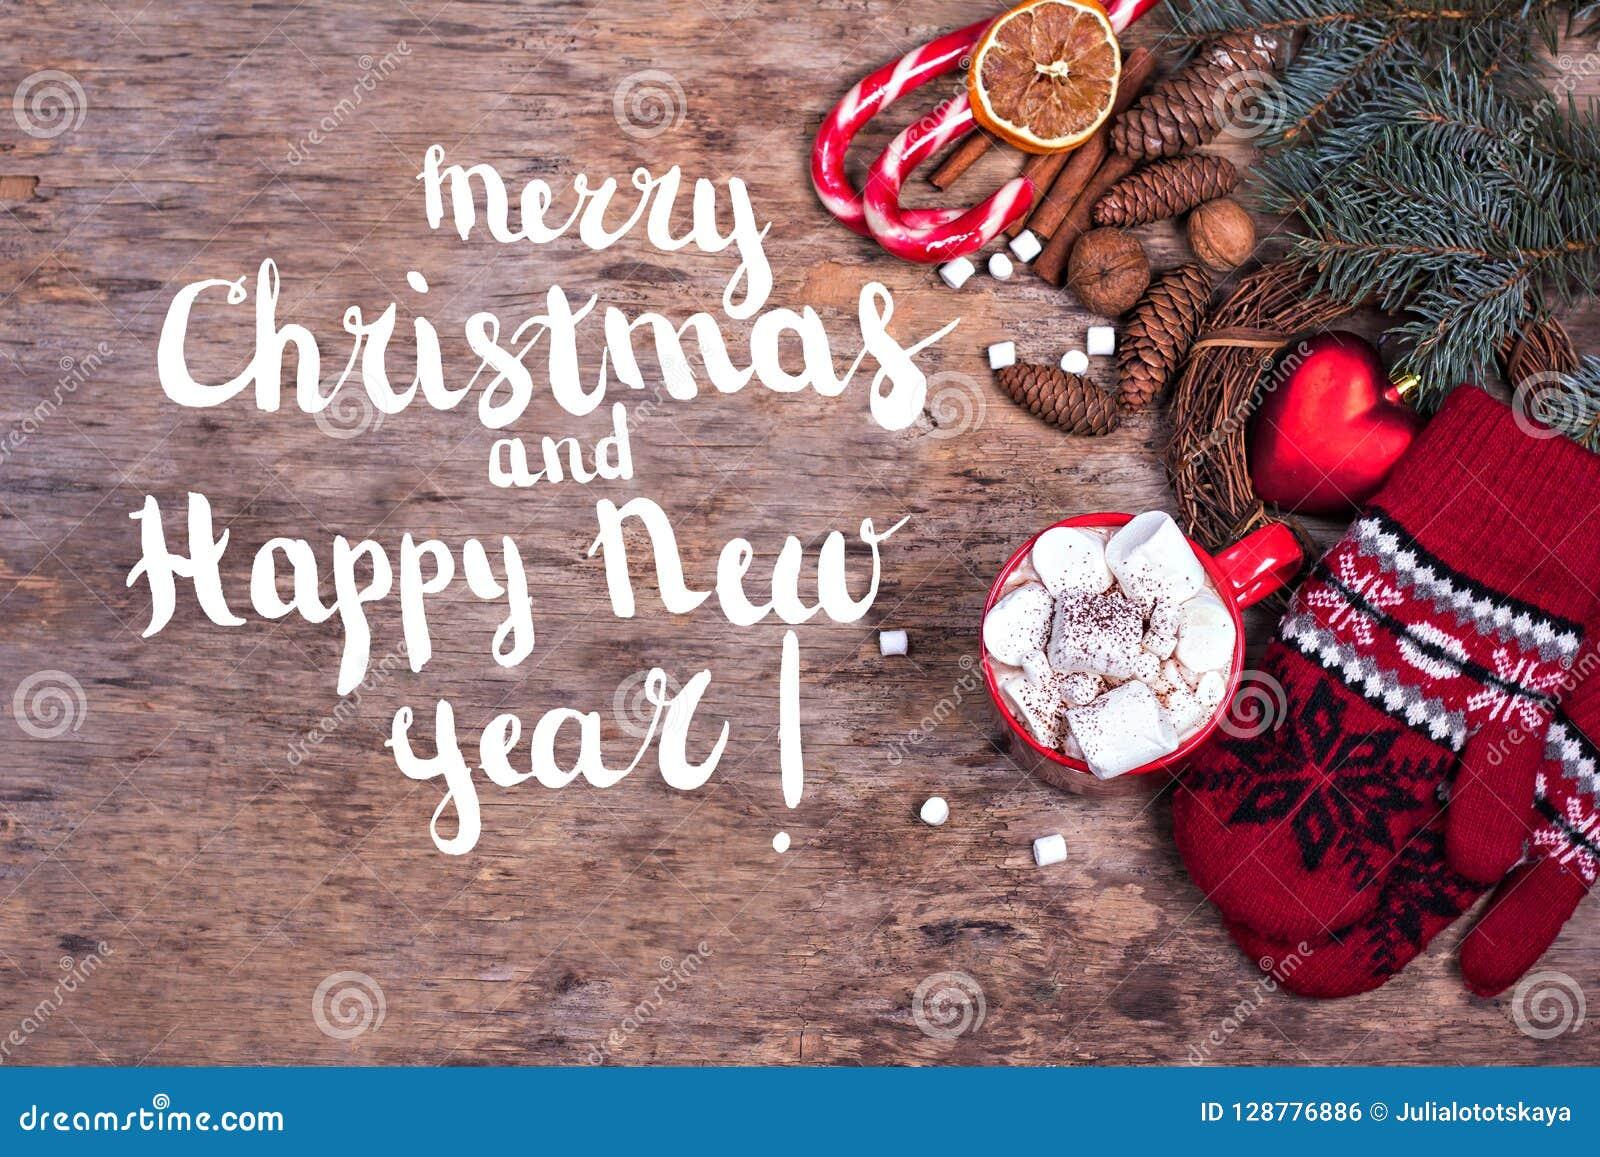 Karte Frohe Weihnachten.Festliche Gruß Karten Frohe Weihnachten Und Guten Rutsch Ins Neue